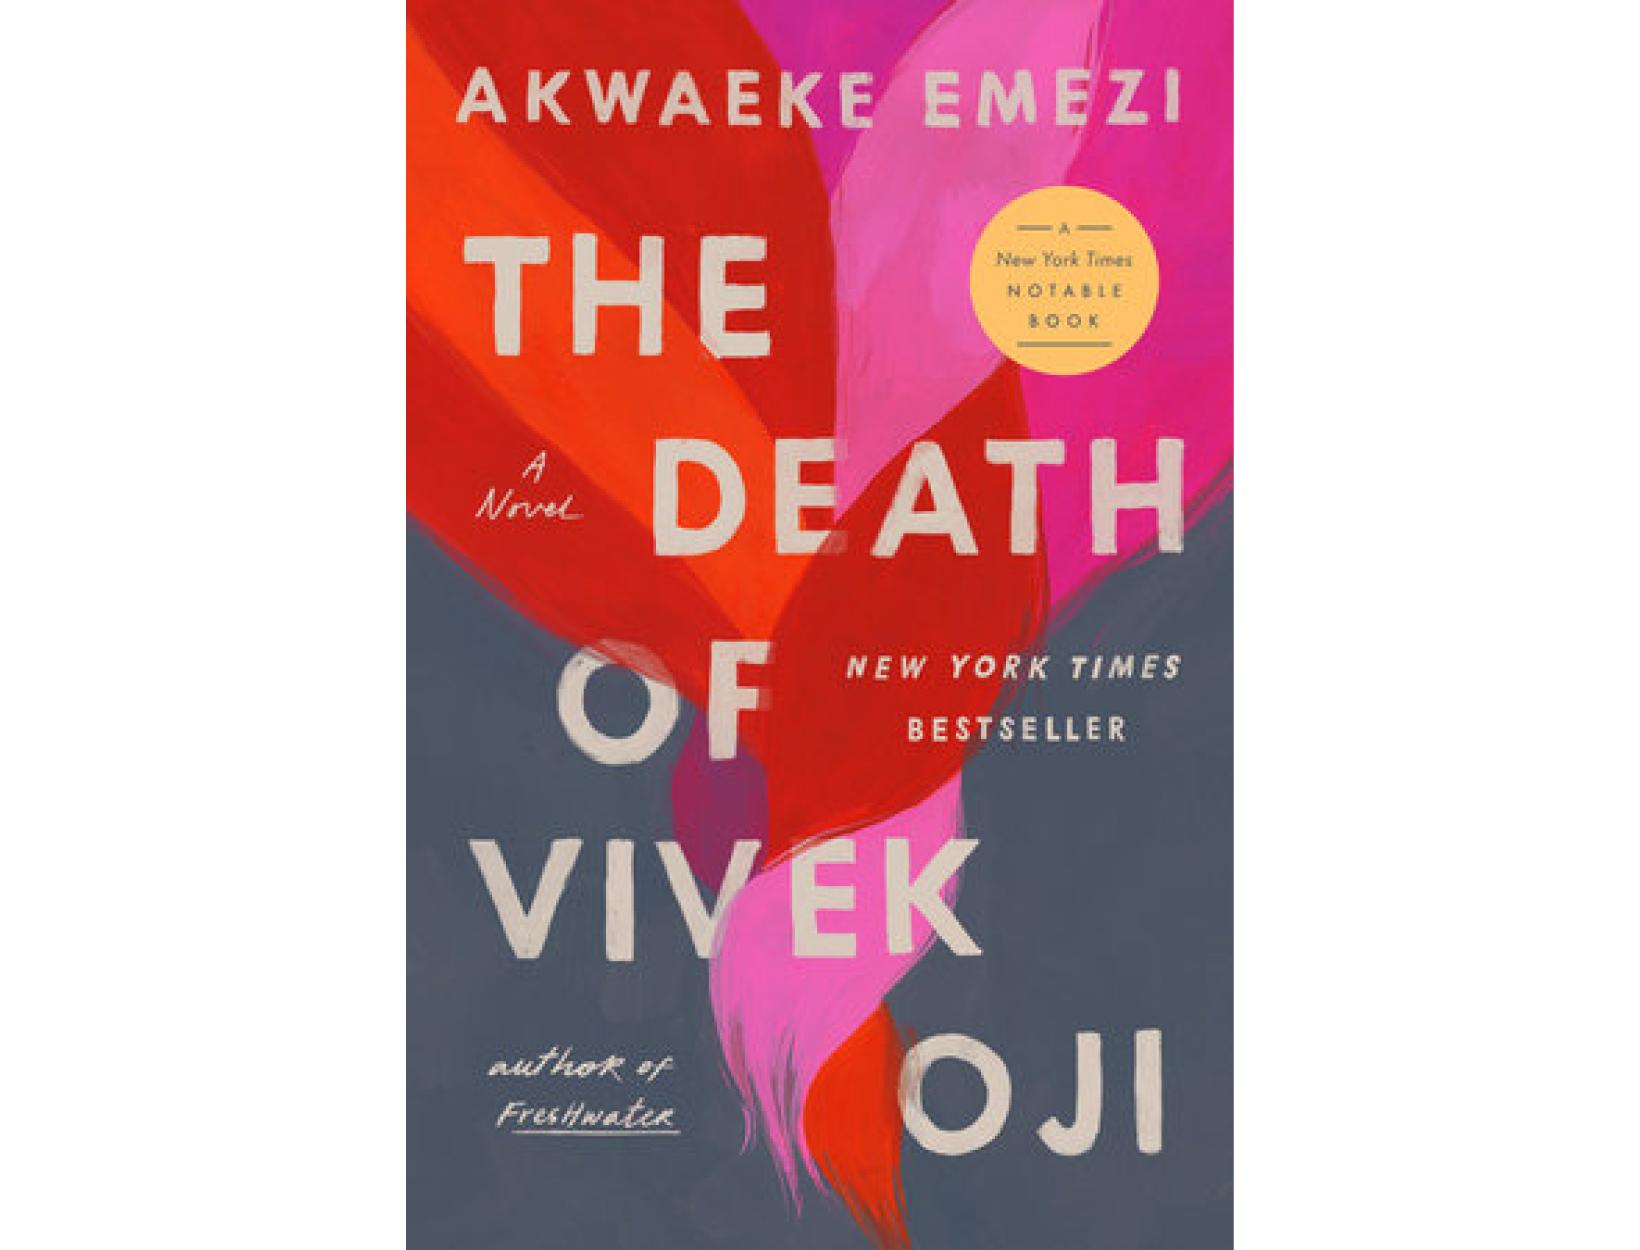 <em>The Death of Vivek Oji</em> by Akwaeke Emezi